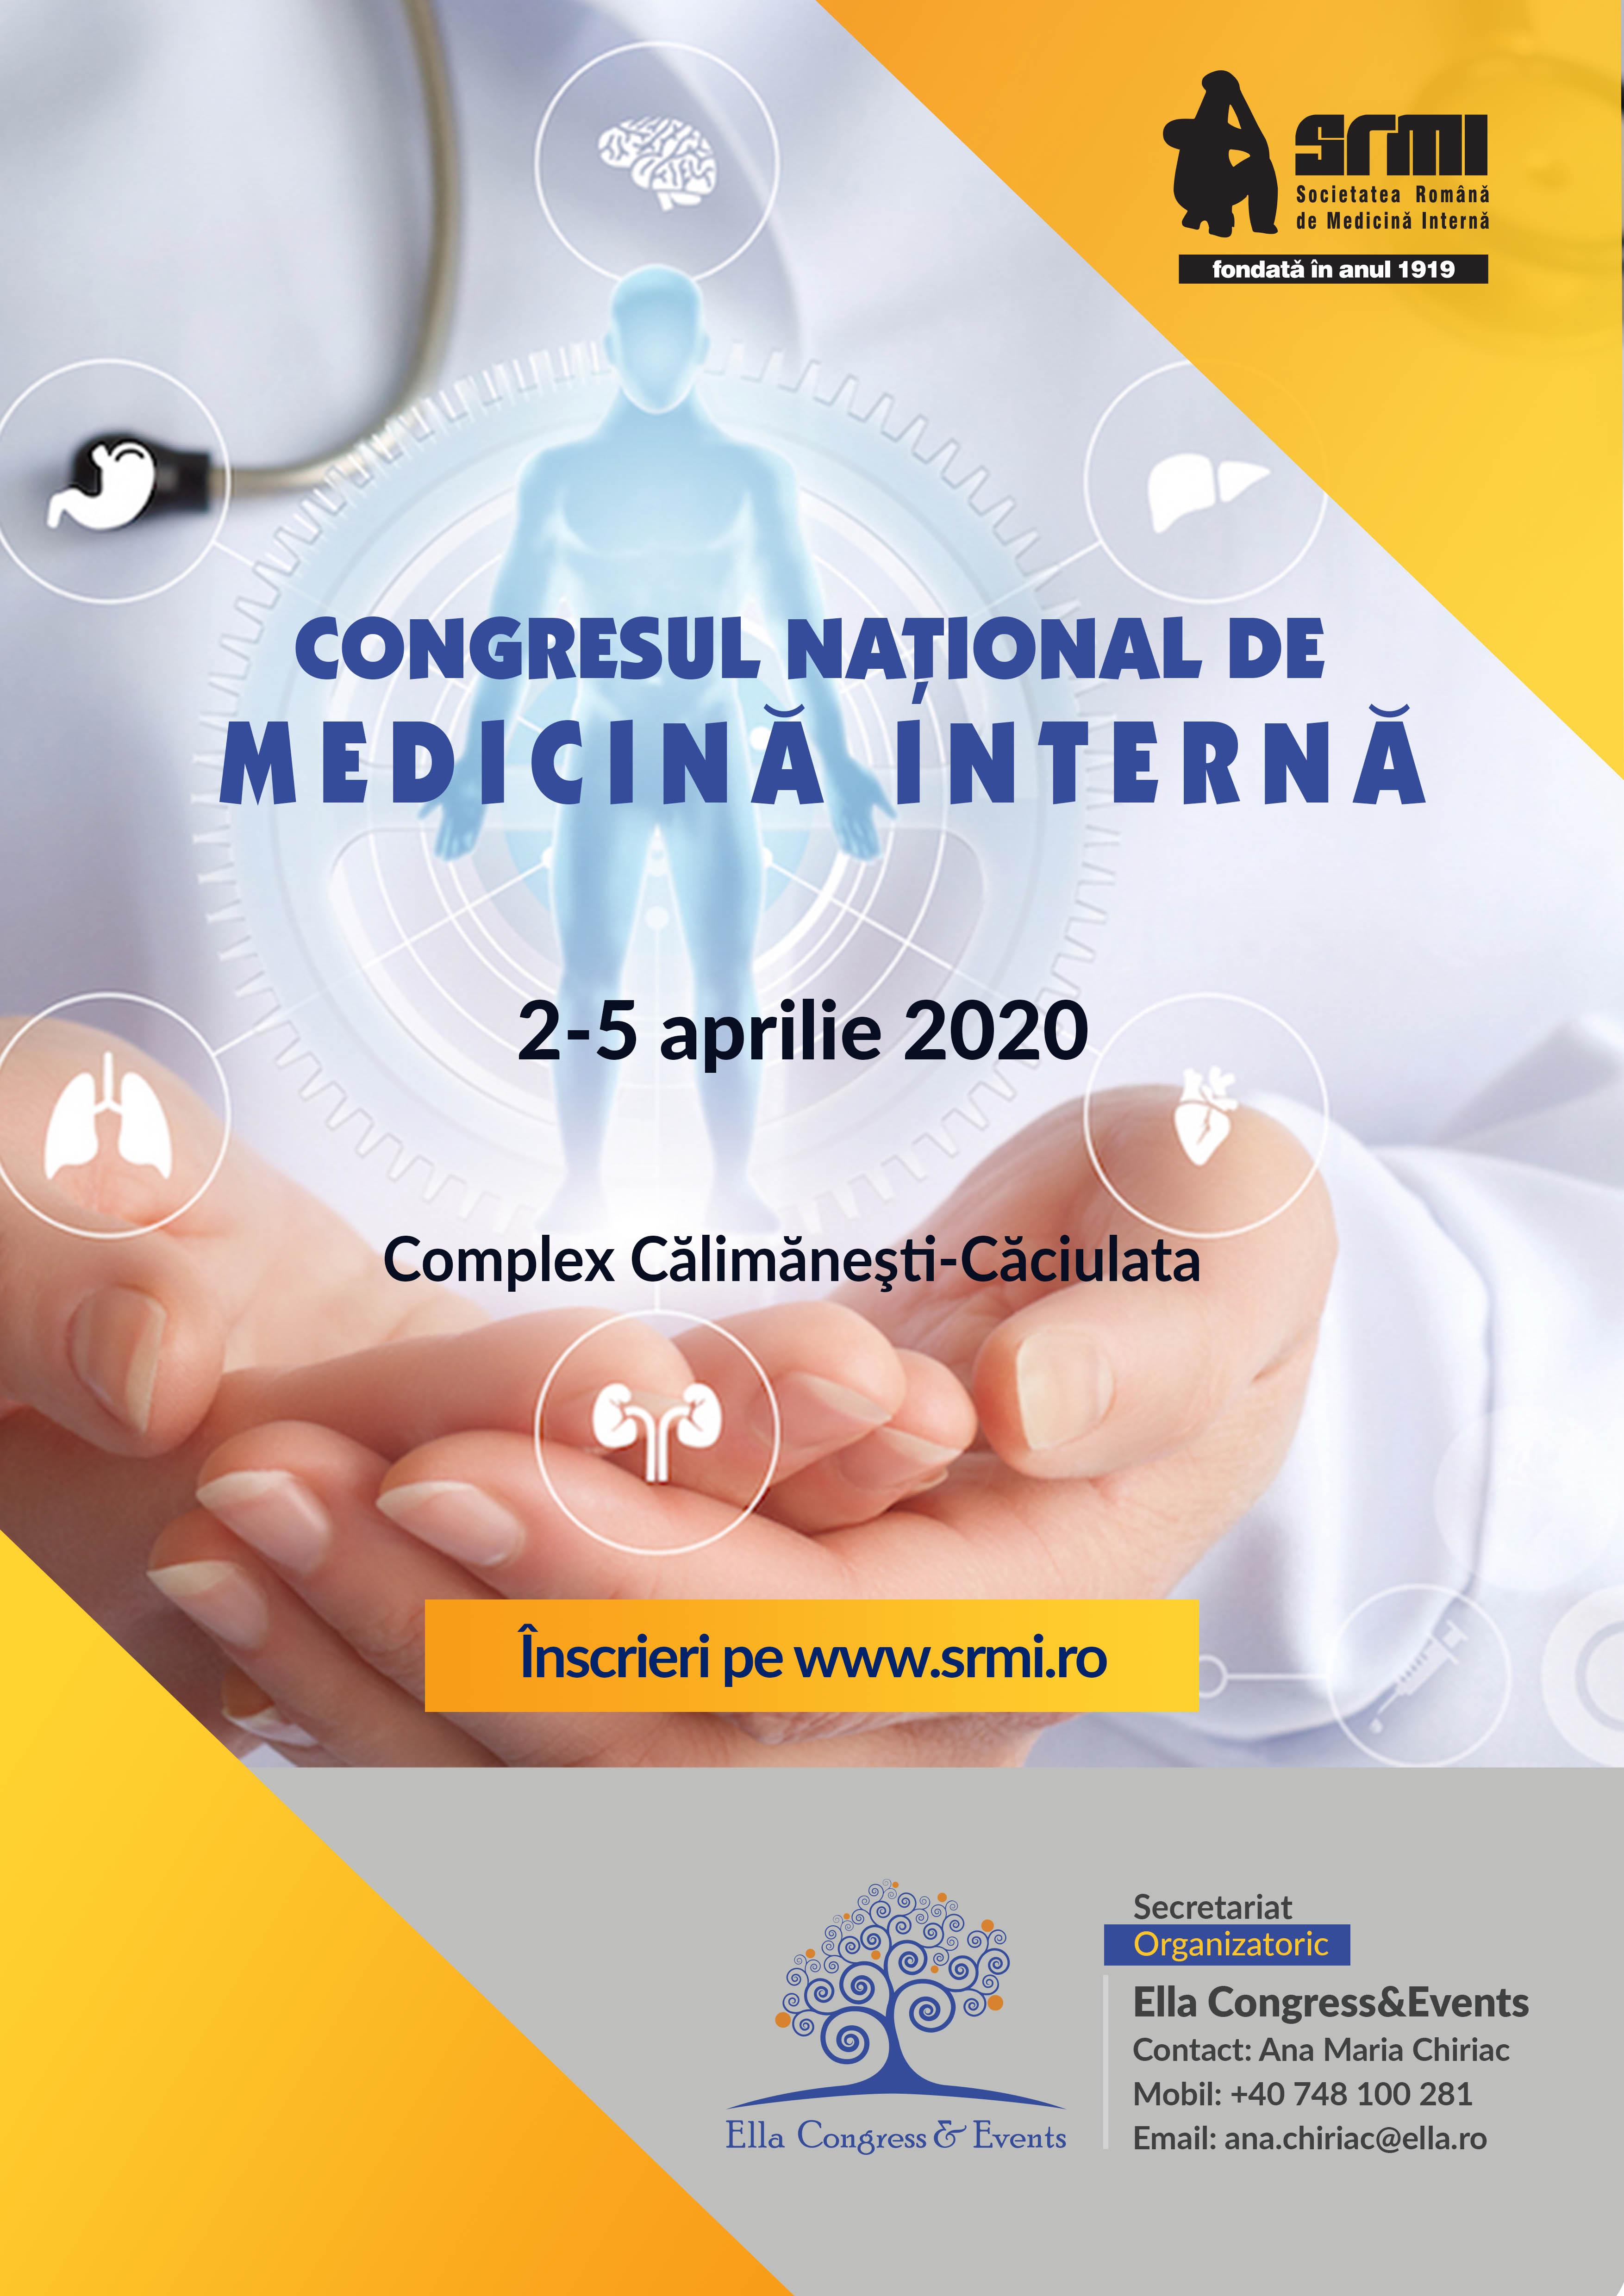 Congresul Naţional de Medicină Internă: 2-5 aprilie 2020, Călimăneşti-Căciulata